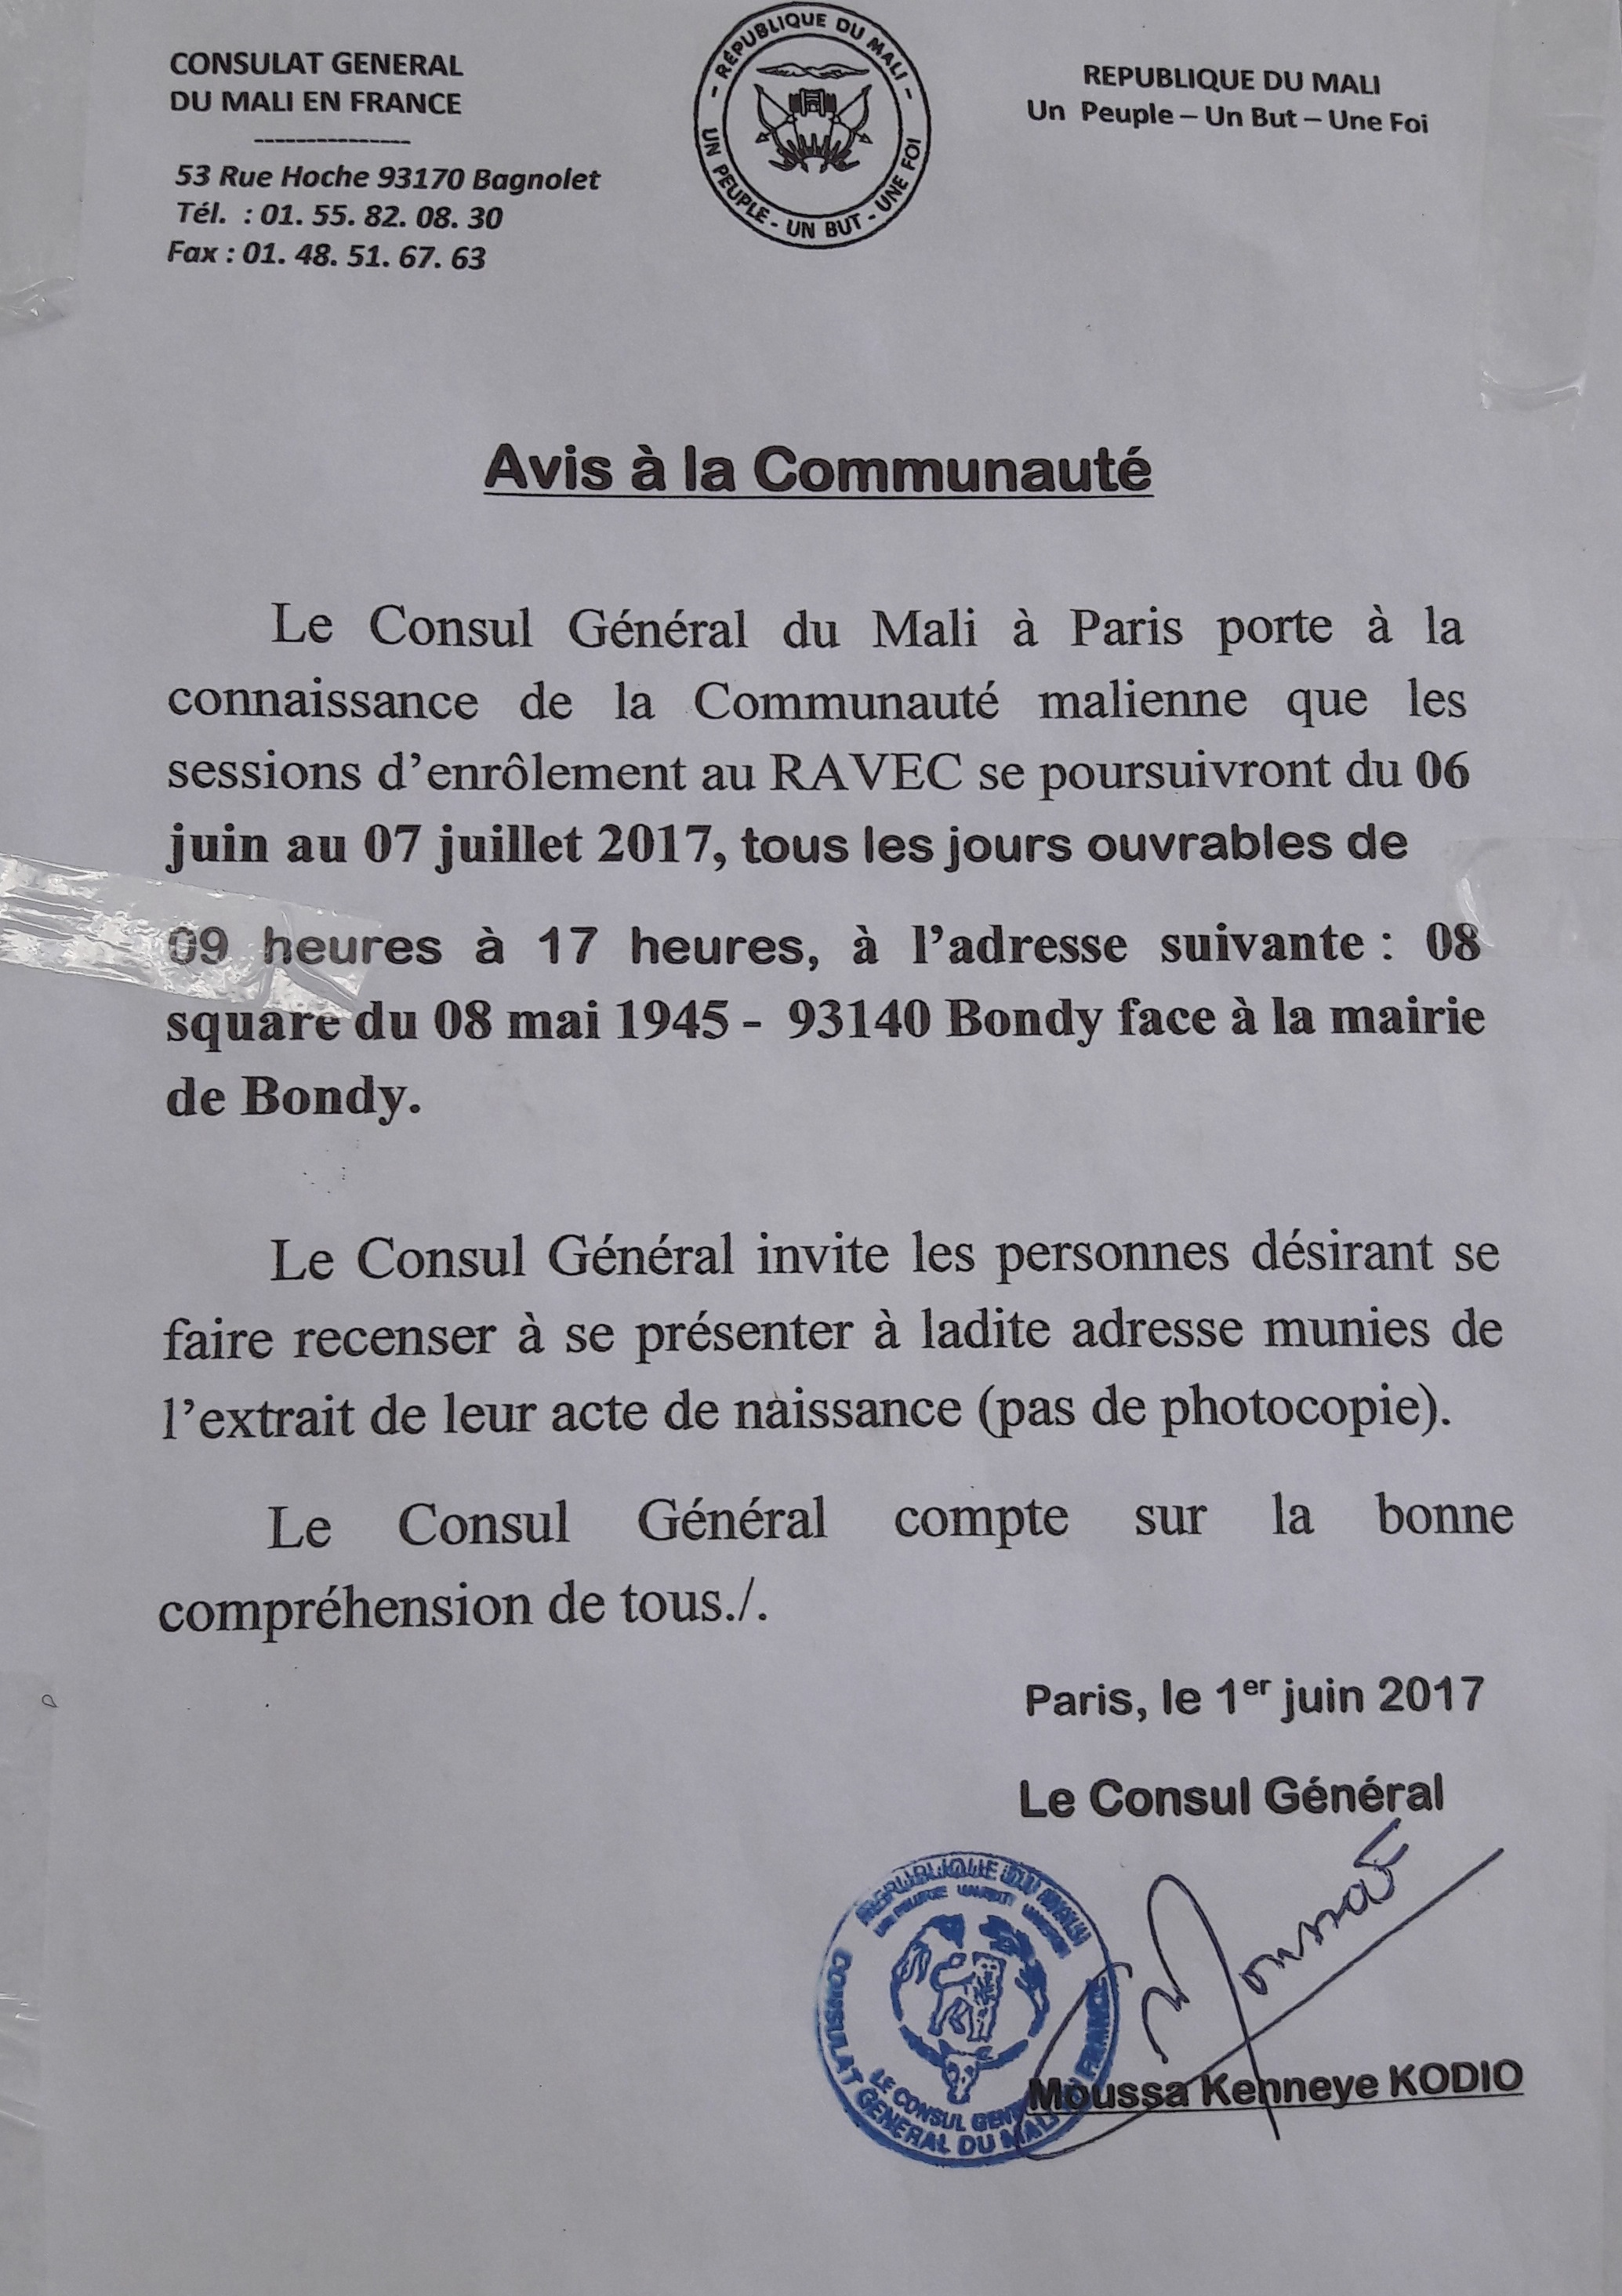 consulat du mali carte nina République du Mali   Consulat du Mali en France   passeport